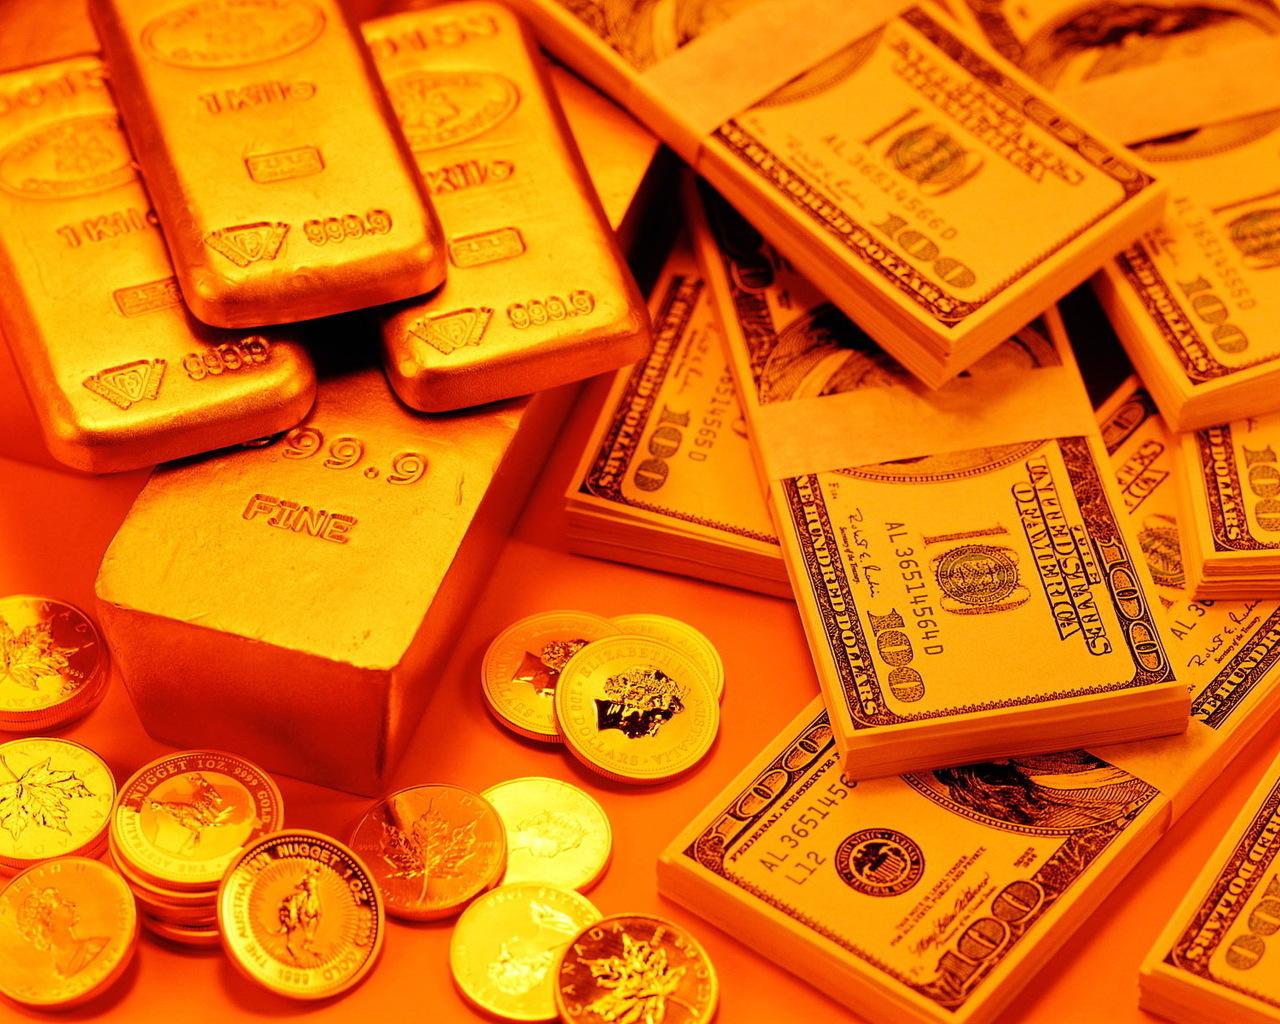 Привлечение денег и богатства на растущую луну сего дня конца